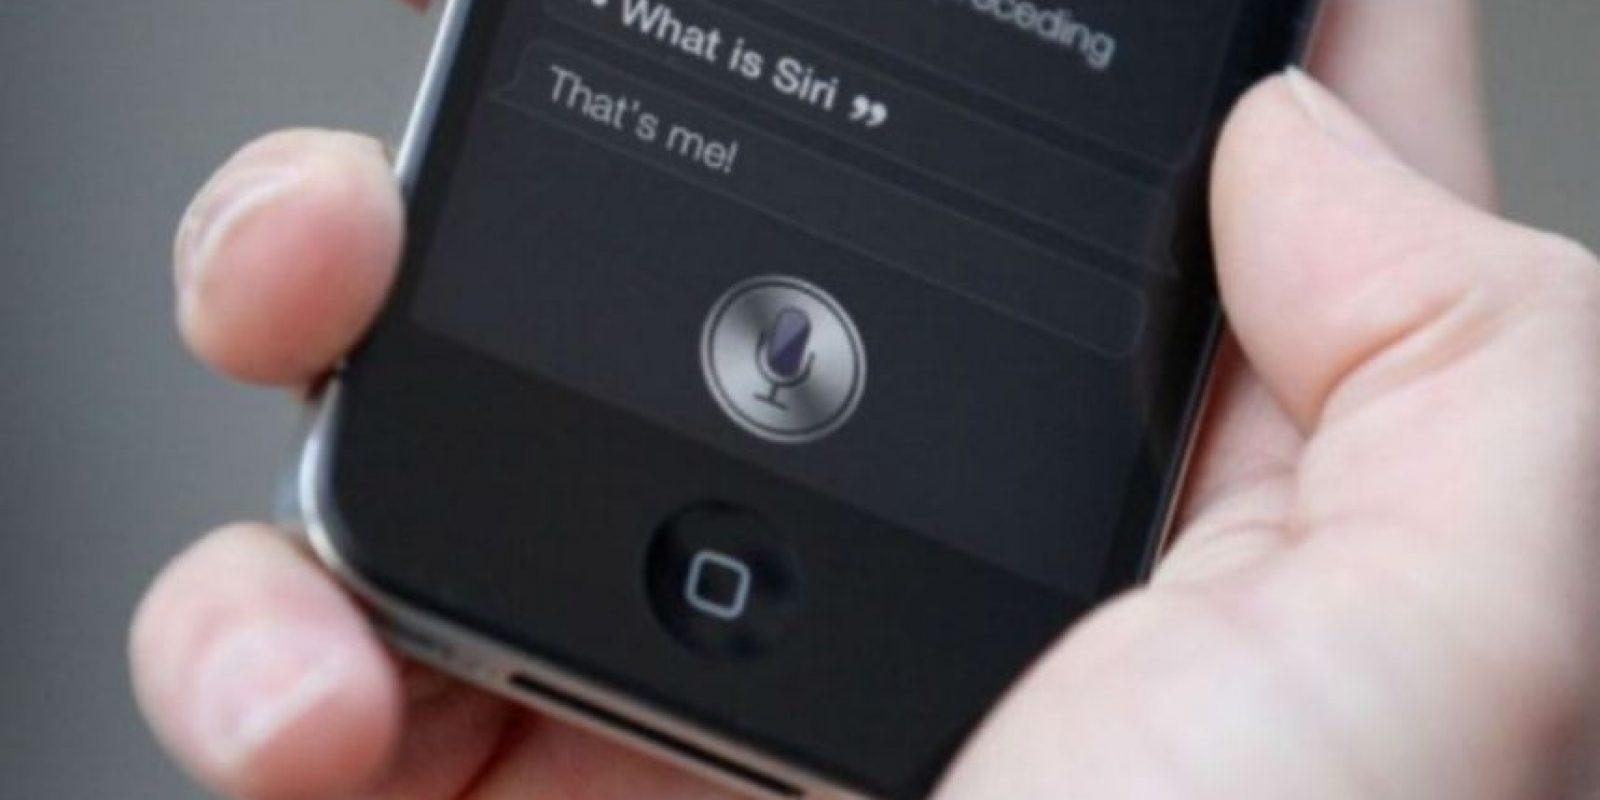 Siri pronto será más que una simple asistente inteligente. Foto:Getty Images